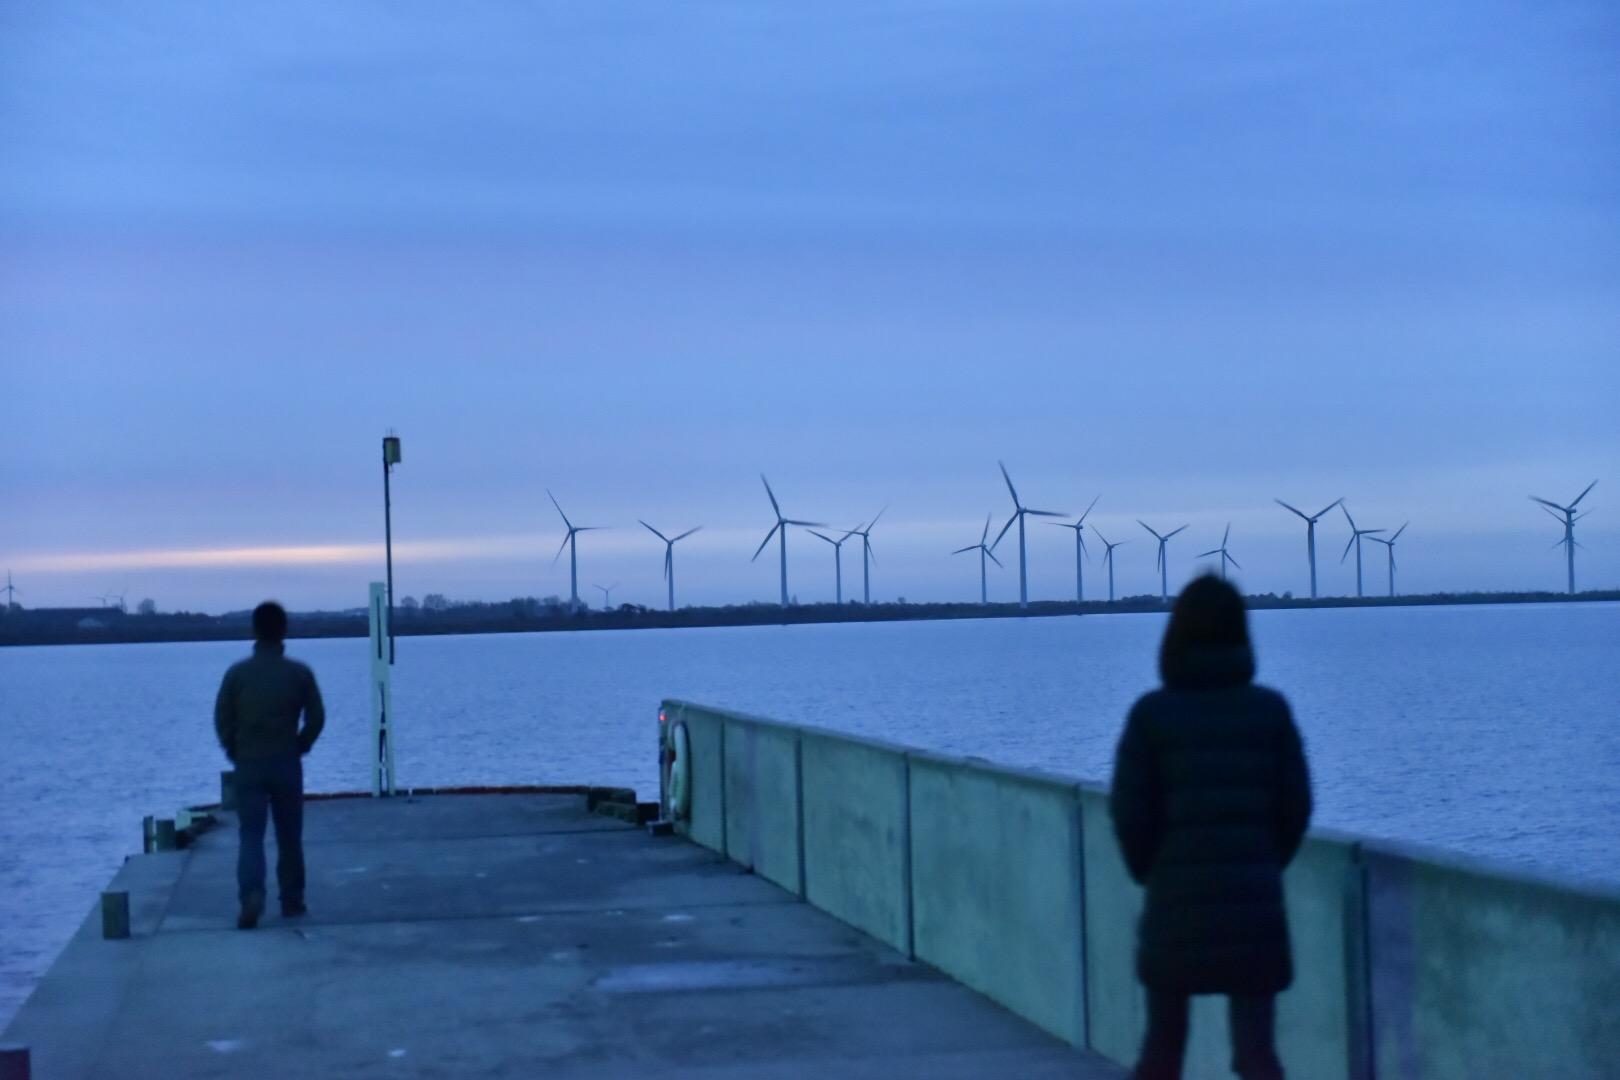 沿岸部の風車は夕暮れ時に絵になります